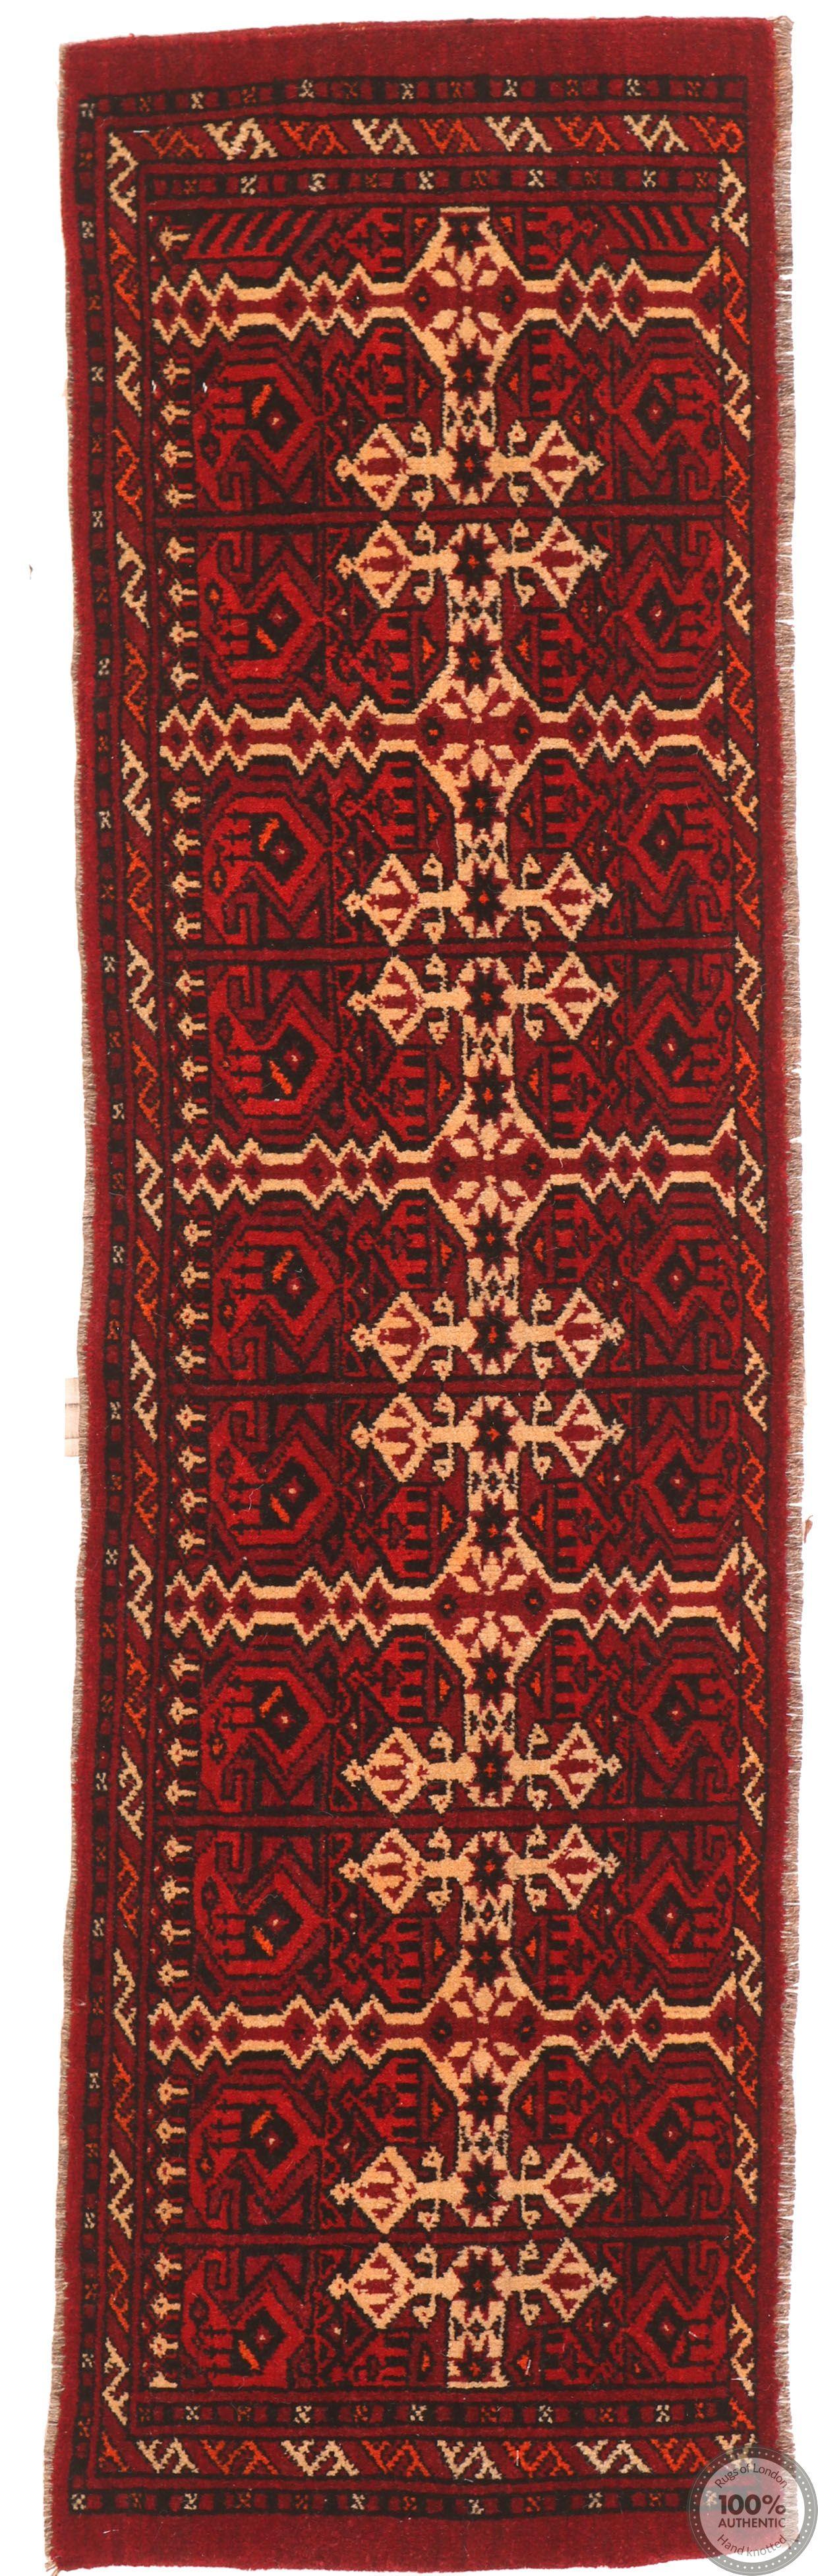 Afghan design rug runner red